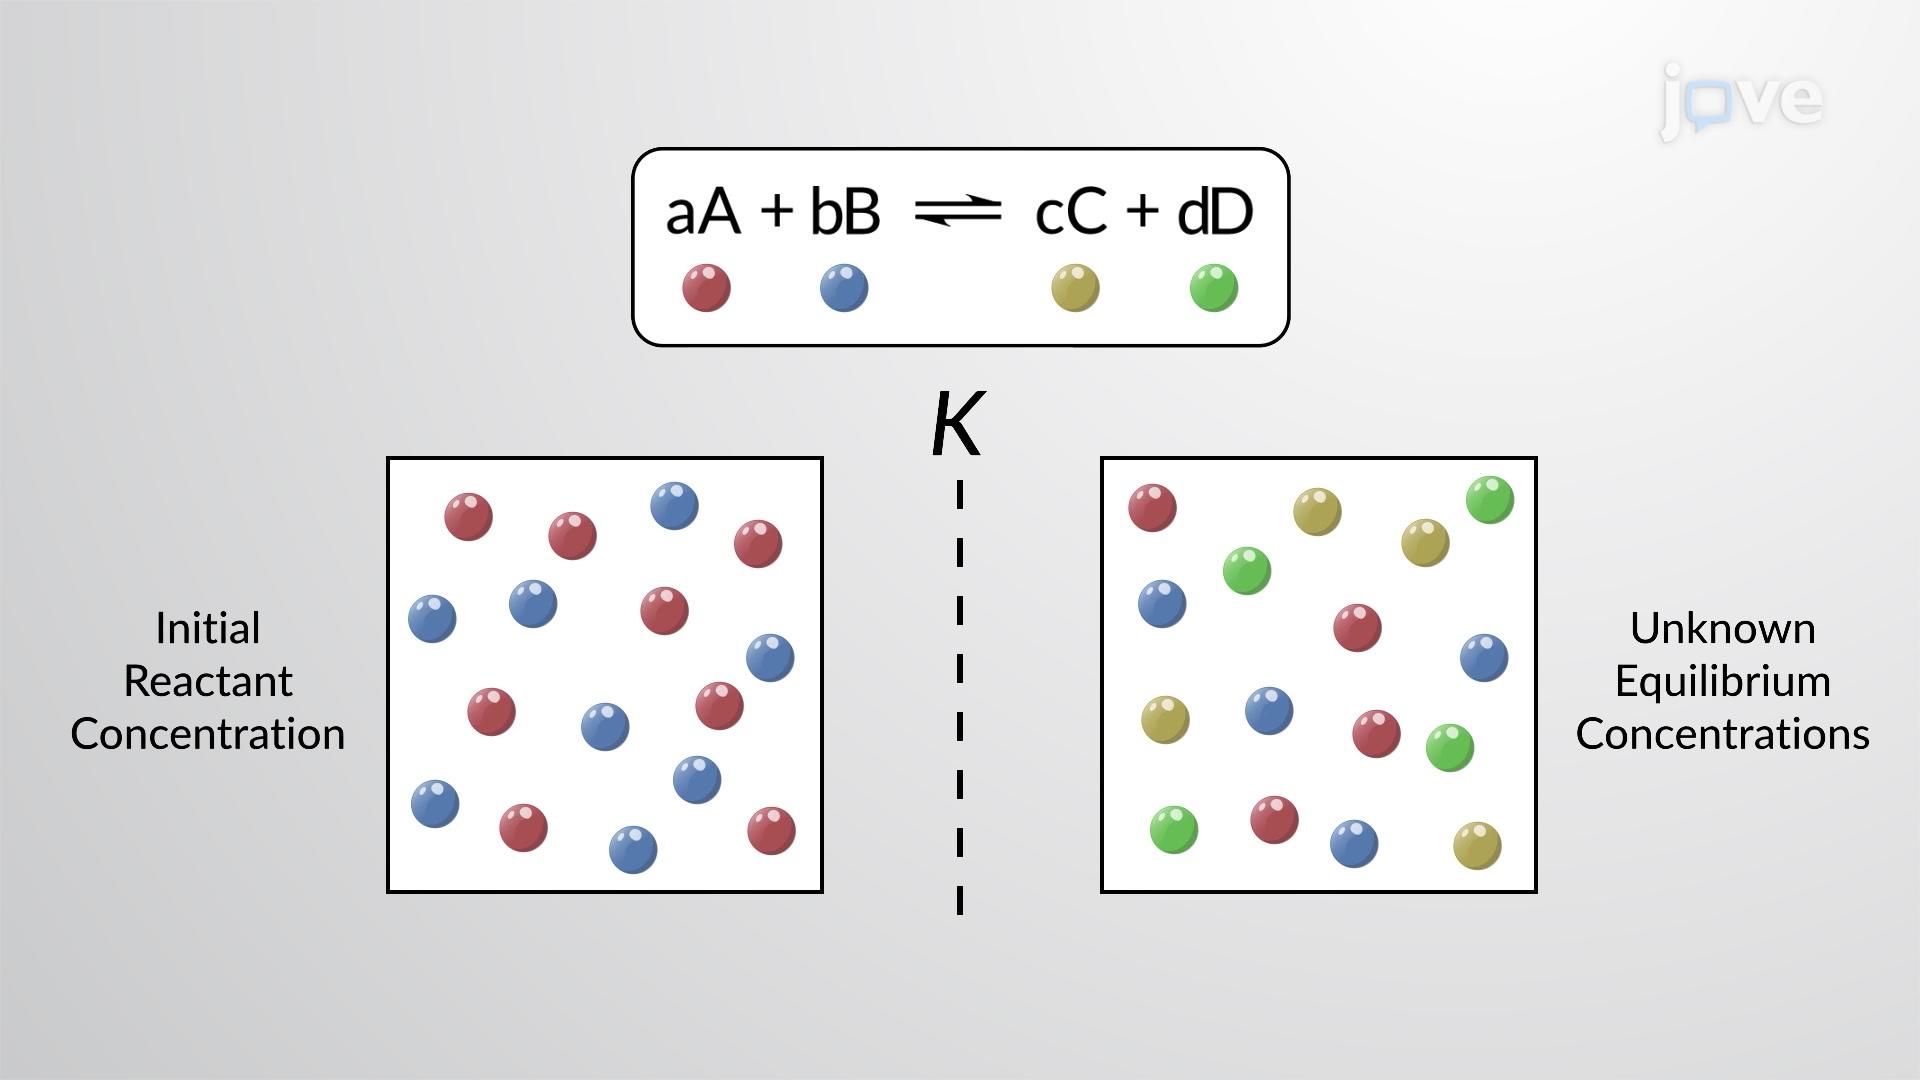 Cálculo das Concentrações de Equilíbrio